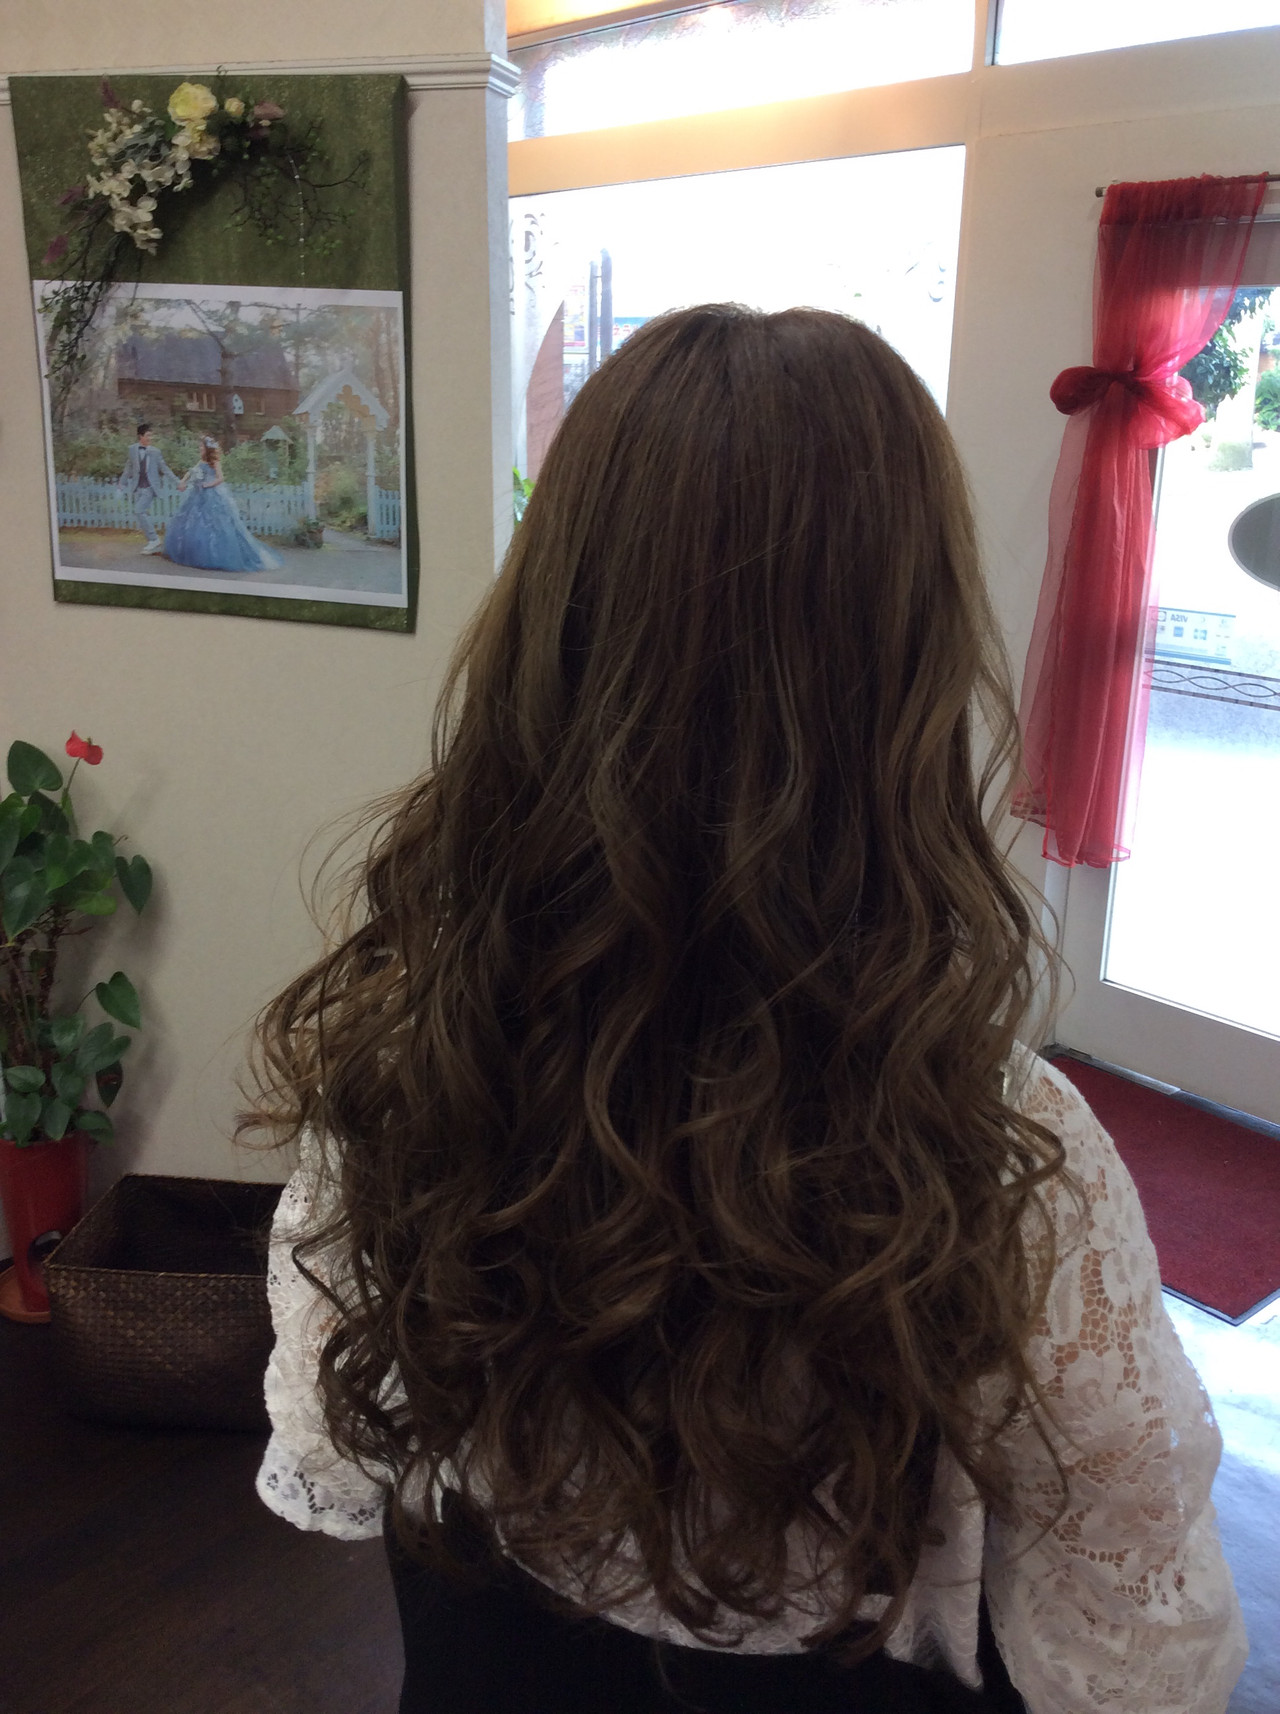 ロング オリーブアッシュ アッシュグレージュ アッシュ ヘアスタイルや髪型の写真・画像 | rumiLINKS美容室 / リンクス美容室